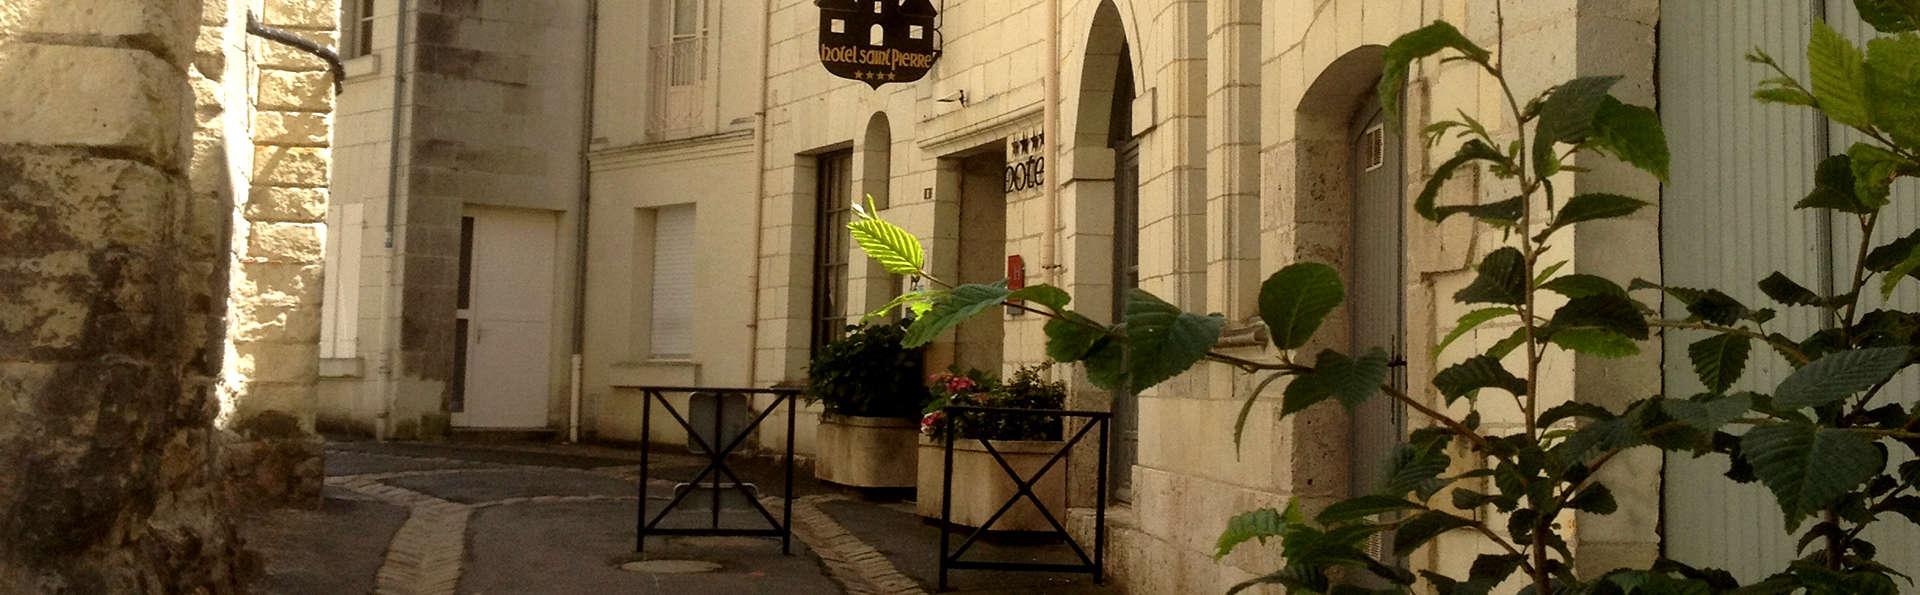 Hôtel Saint Pierre  - Edit_Front.jpg